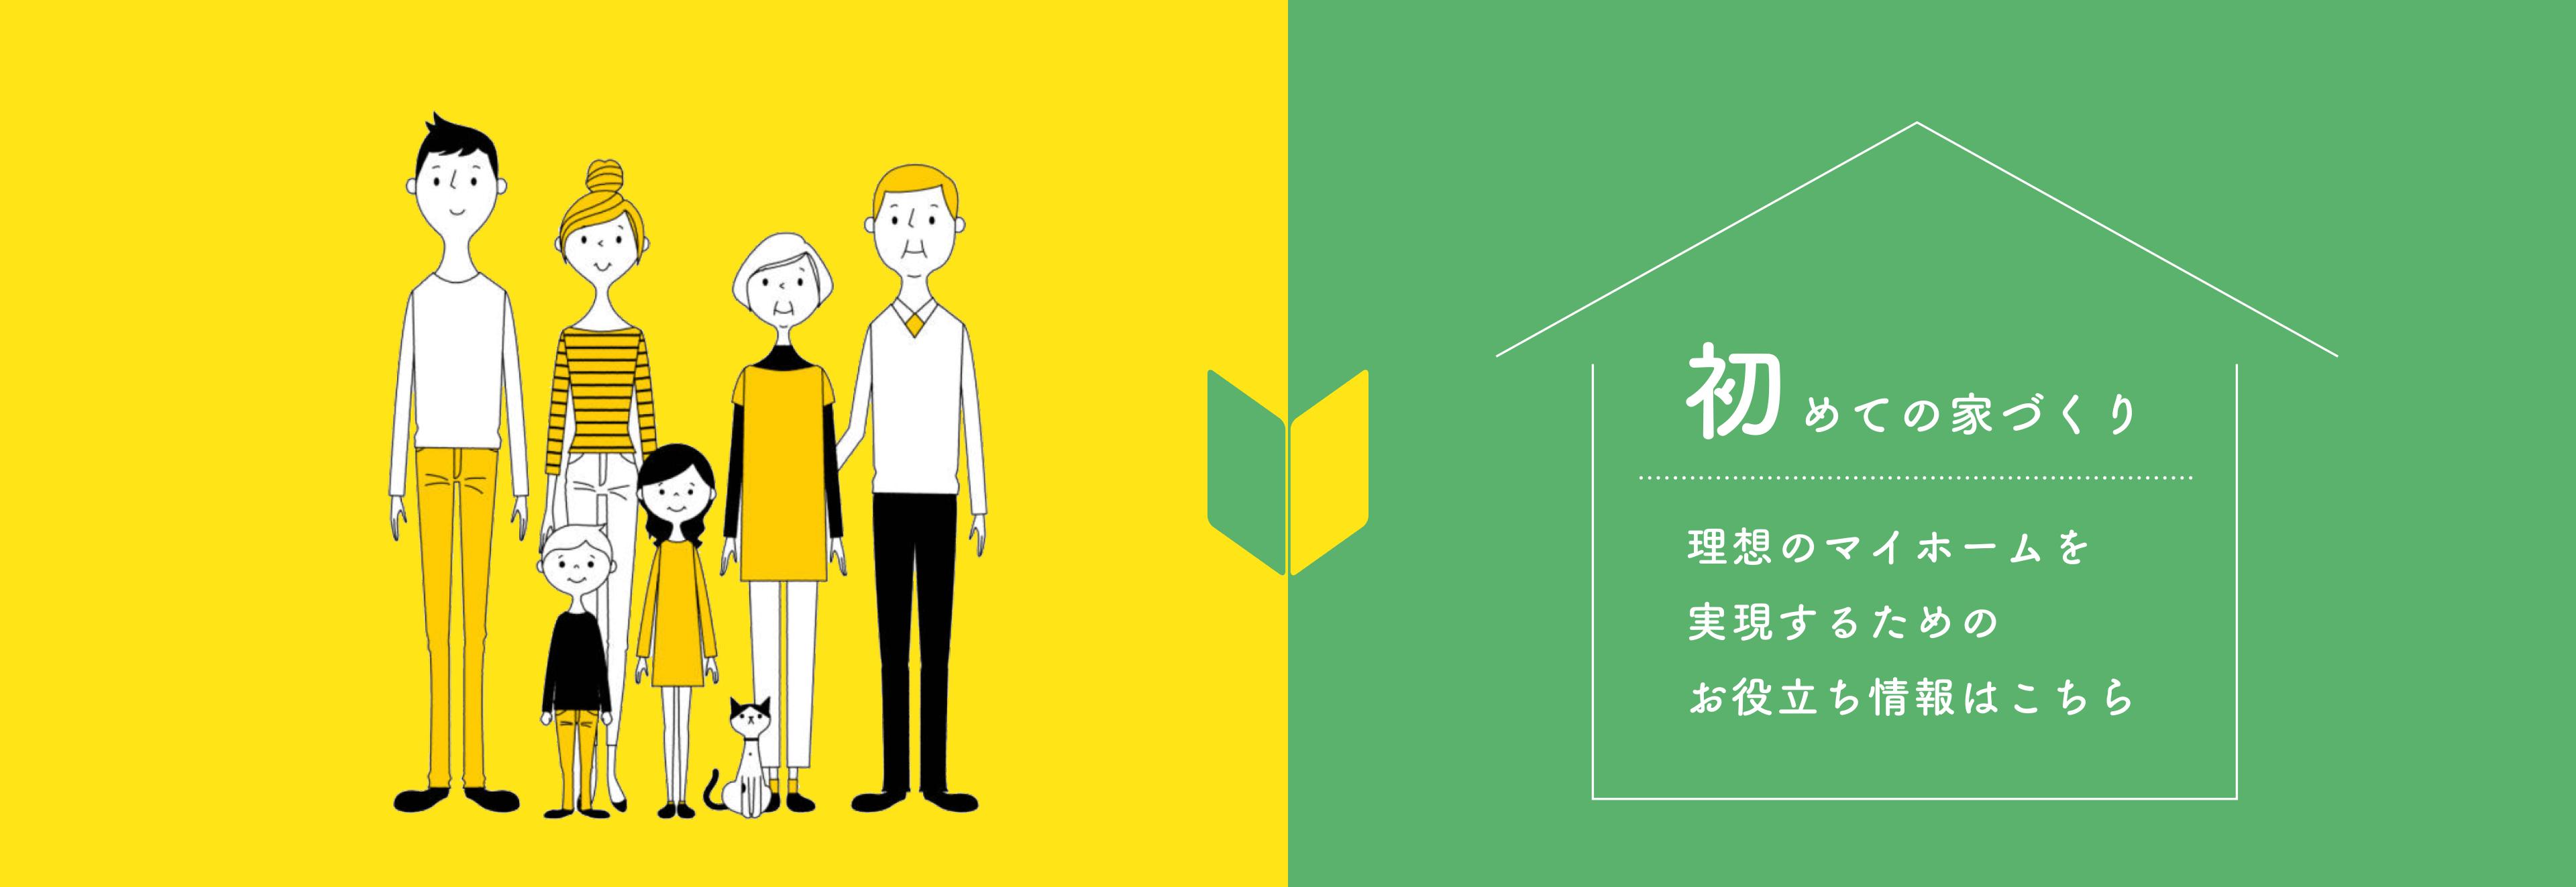 初めての家づくり 理想のマイホームを実現するためのお役立ち情報をこちら